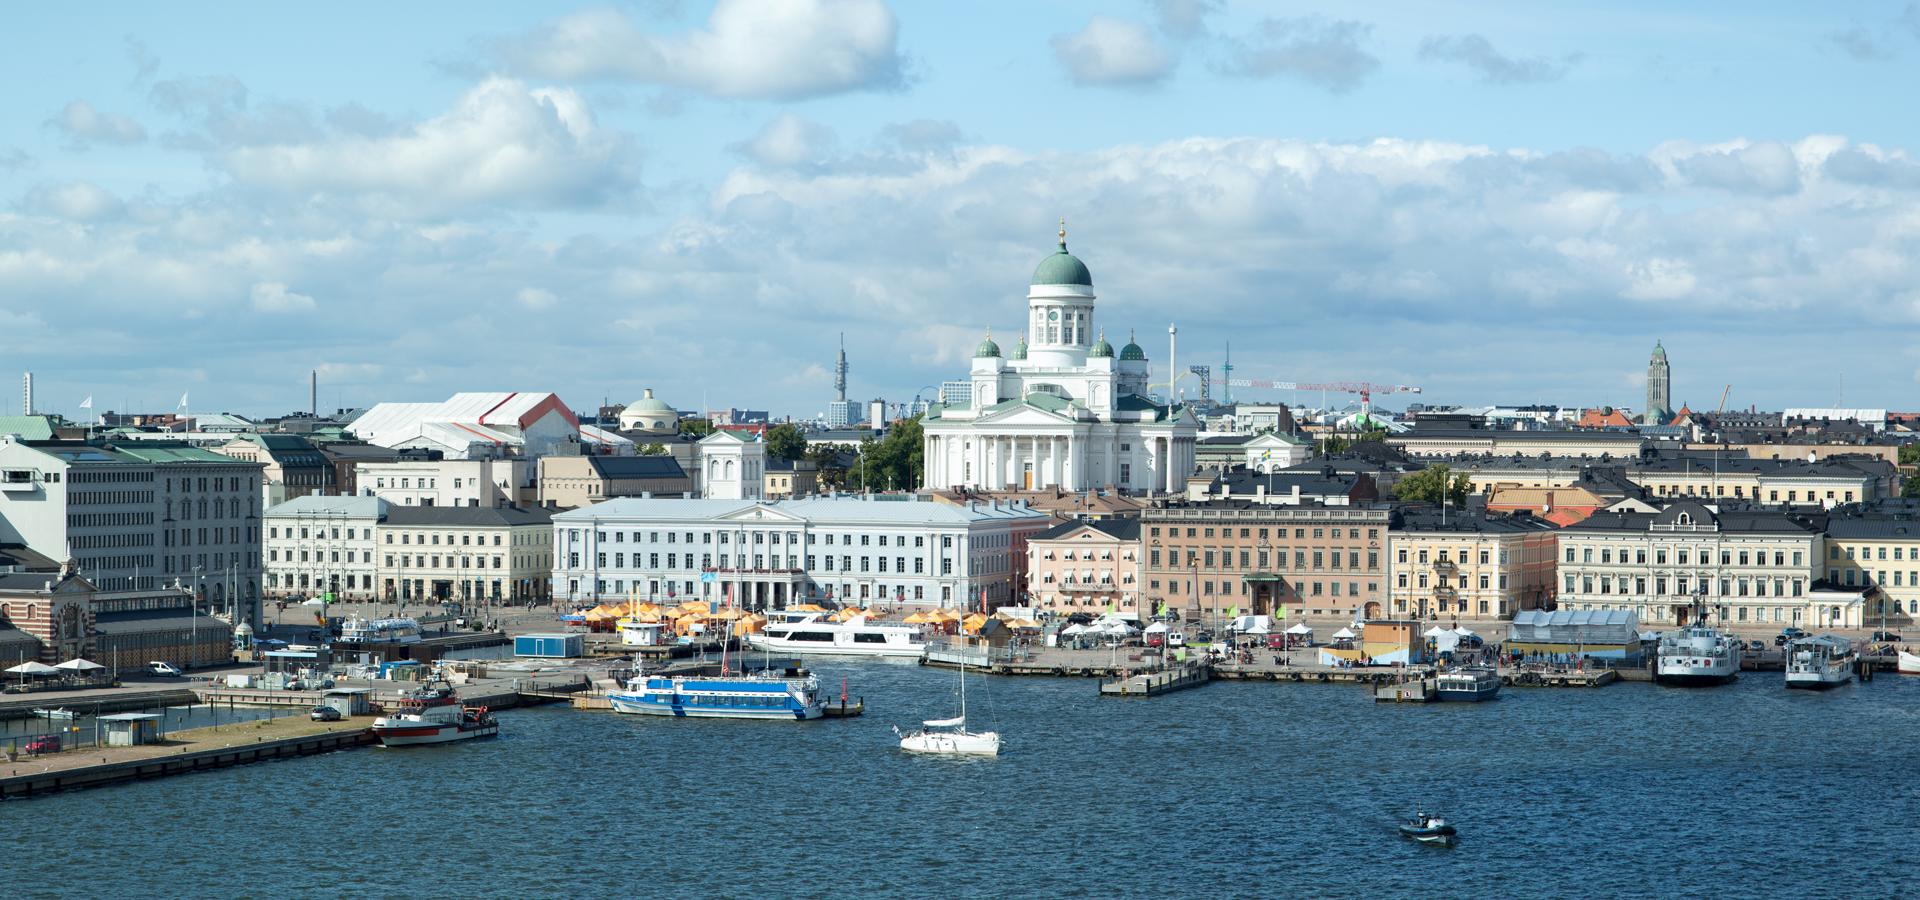 <b>Europe/Helsinki/Uusimaa</b>